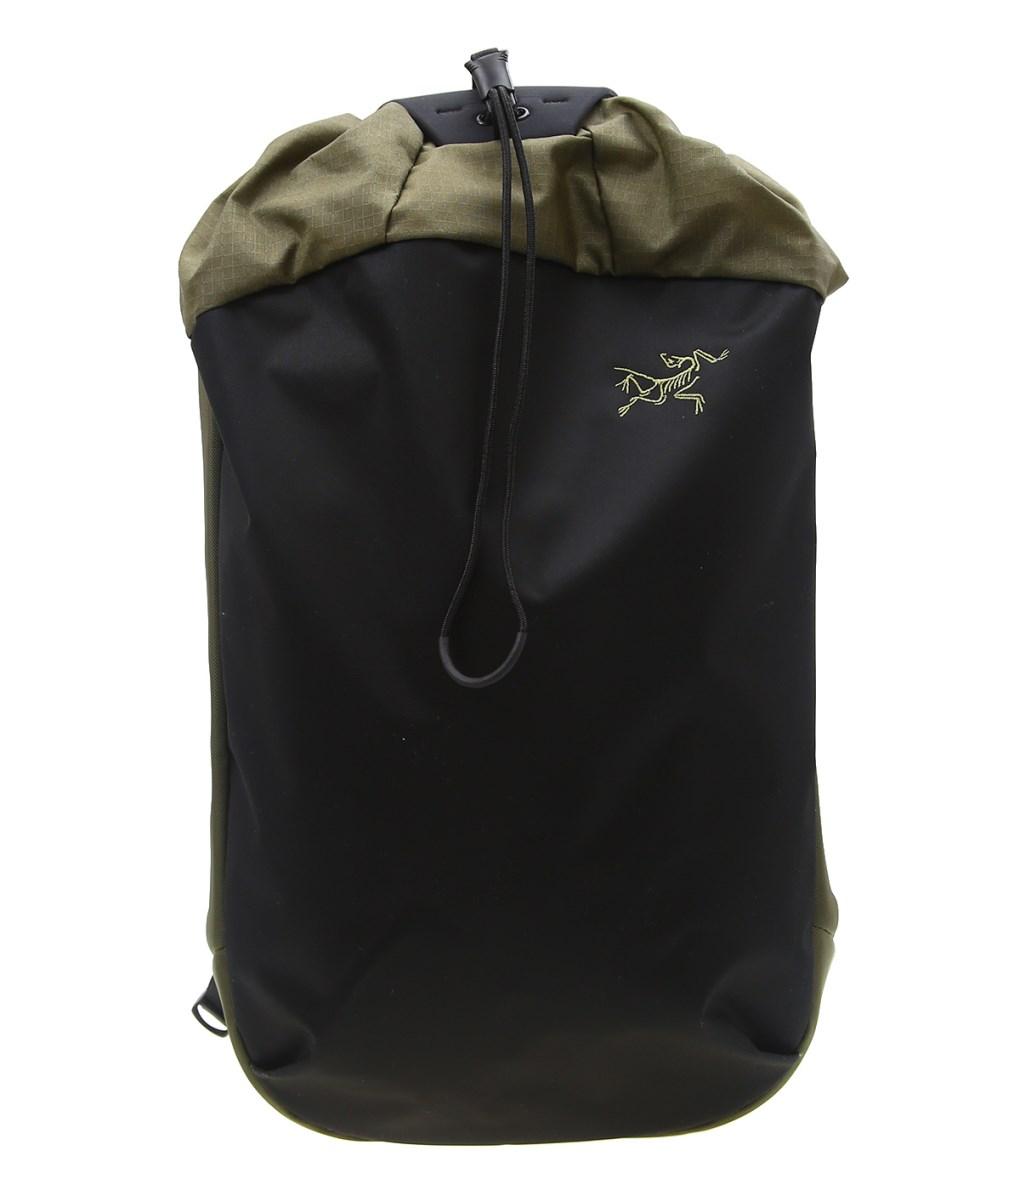 【国内正規品】ARC'TERYX / アークテリクス : Arro 20 Bucket Bag : アロー バケット バッグ アークテリクス メンズ : L07277600 【STD】